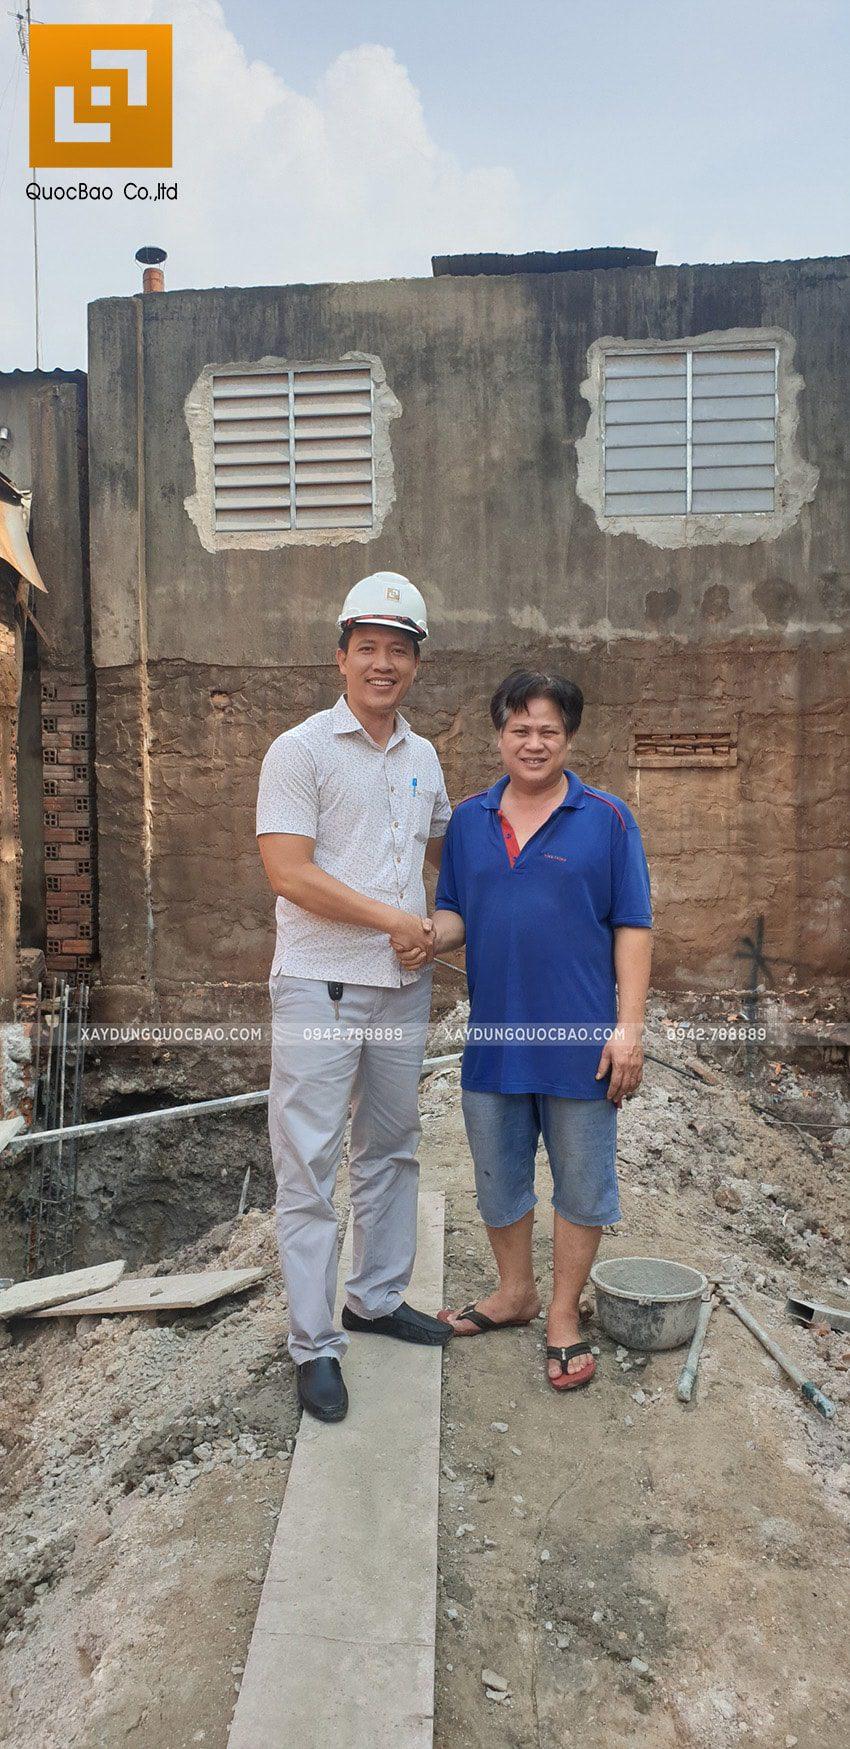 Khởi công thi công ngôi nhà 1 trệt 2 lầu tại Biên Hòa - Ảnh 10